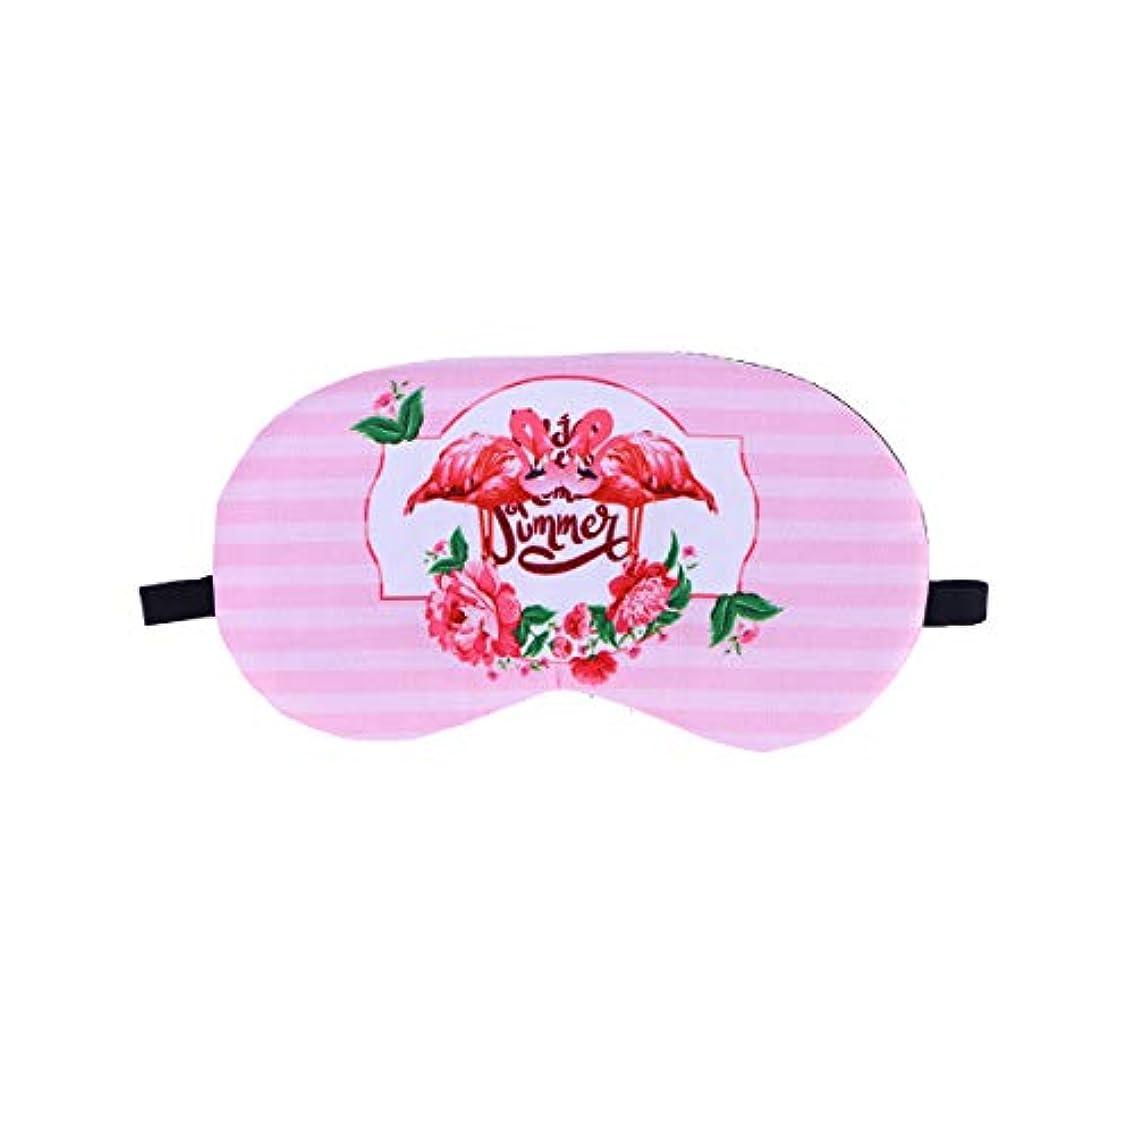 現像異議スペシャリストSUPVOX フラミンゴアイマスク動物睡眠トラベリング目隠しアイカバー(ピンク)